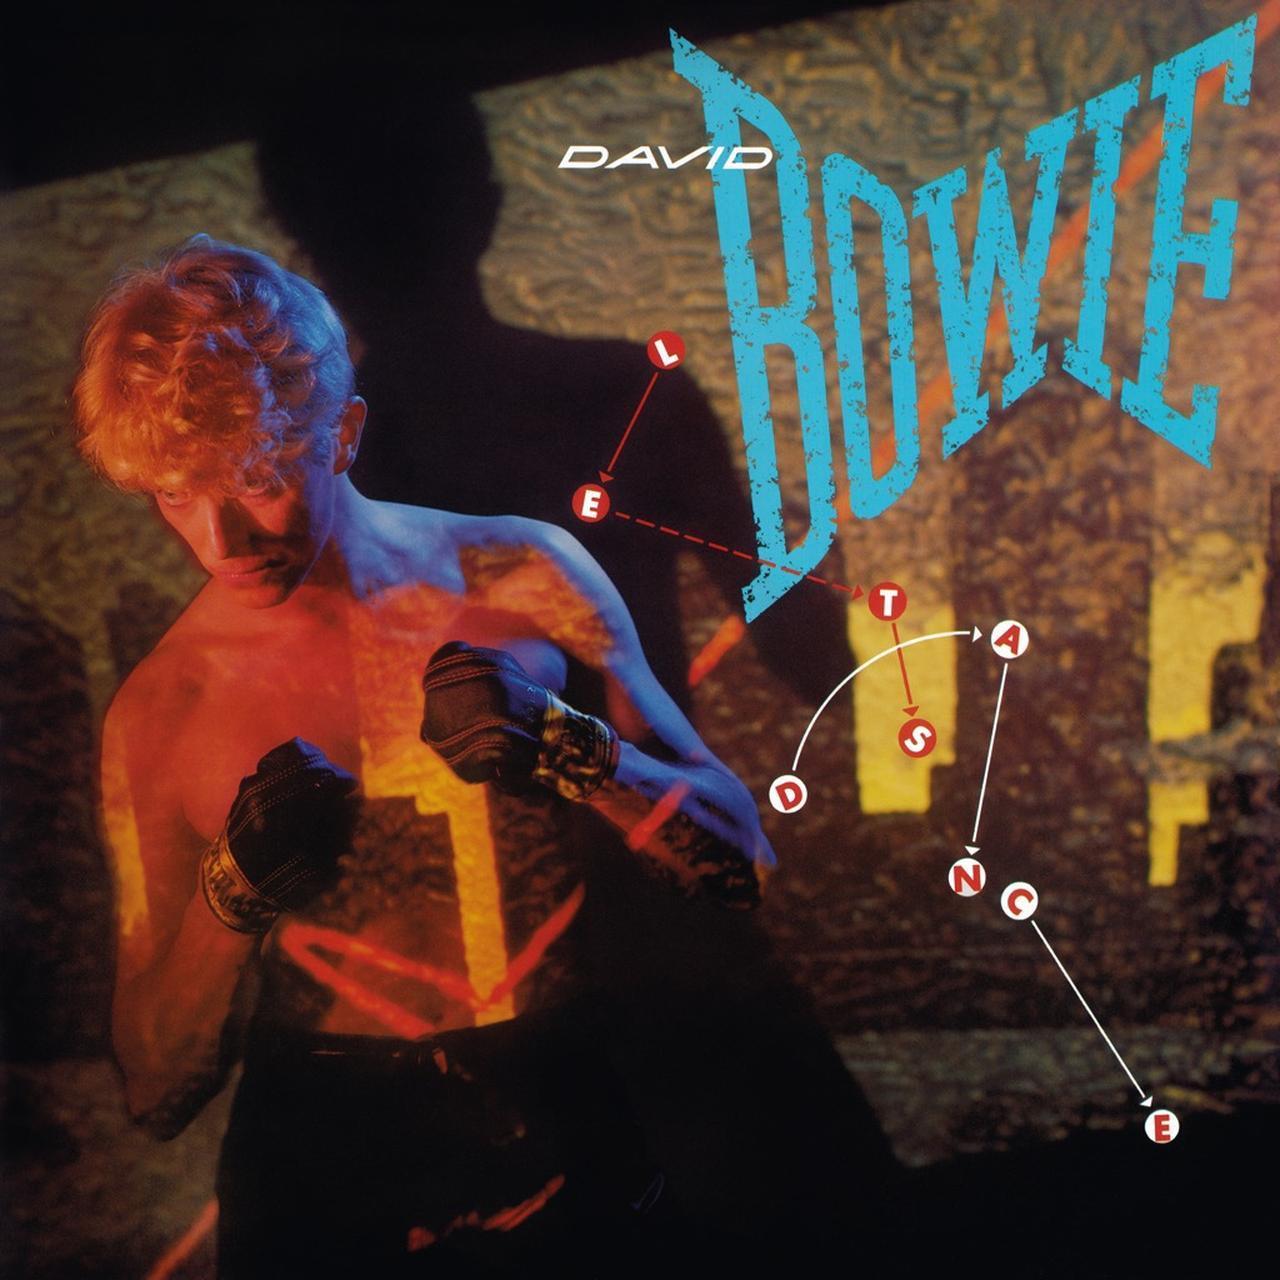 画像2: Let's Dance (2018 Remastered Version) / David Bowie